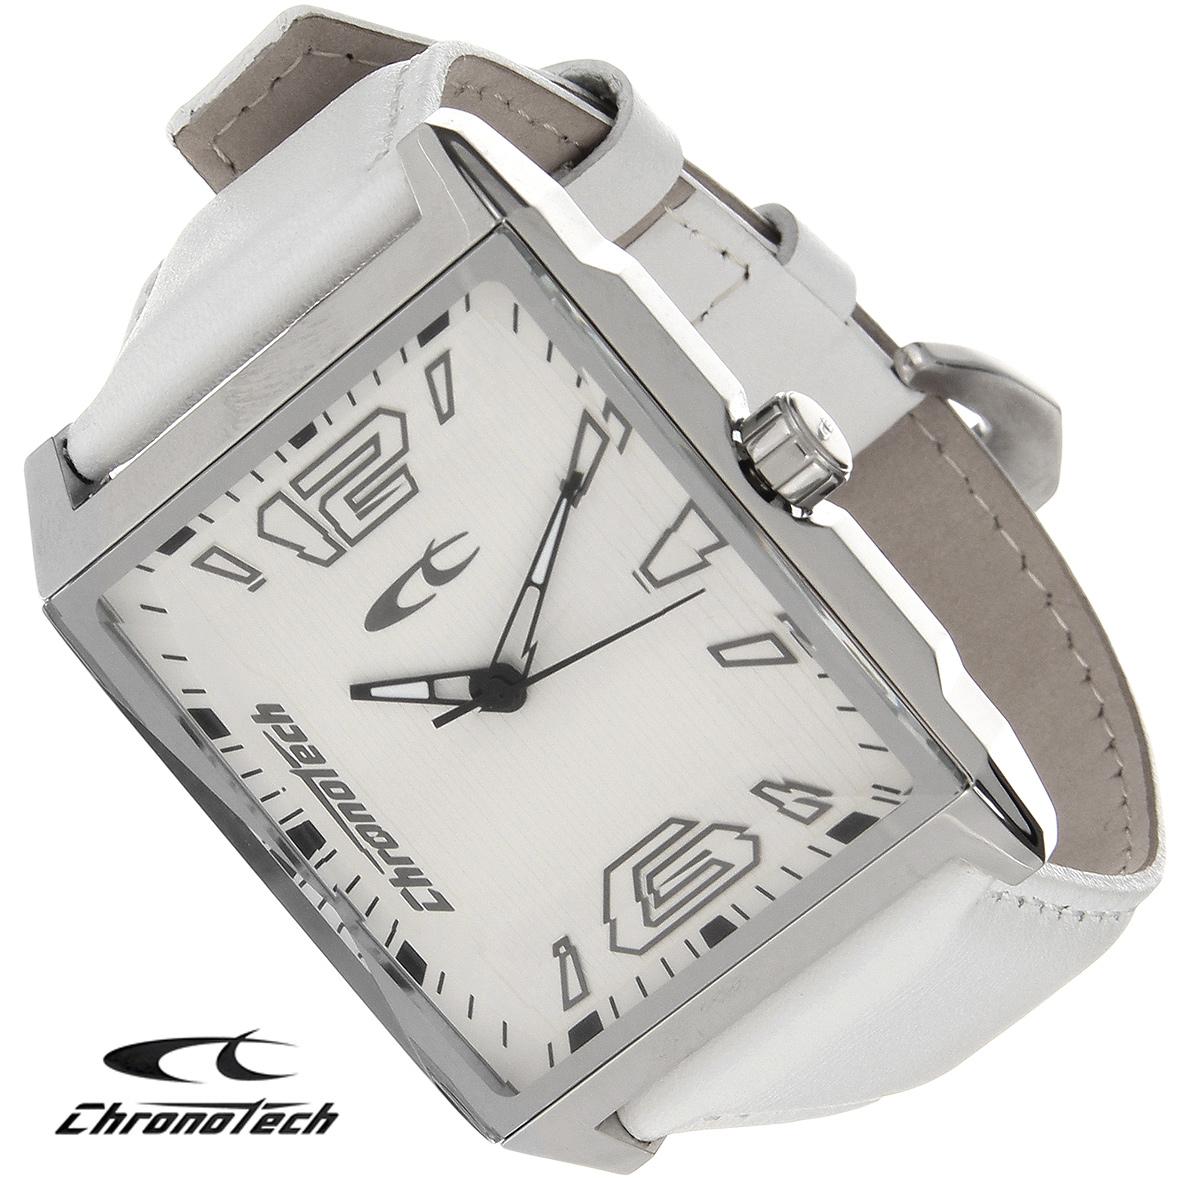 Часы мужские наручные Chronotech, цвет: серебристый, белый. RW0056RW0056Часы Chronotech - это часы для современных и стильных людей, которые стремятся выделиться из толпы и подчеркнуть свою индивидуальность. Корпус часов выполнен из нержавеющей стали. Циферблат оформлен арабскими цифрами и отметками, защищен минеральным стеклом. Часы имеют три стрелки - часовую, минутную и секундную. Ремешок часов выполнен из натуральной кожи и застегивается на классическую застежку. Часы упакованы в фирменную коробку с логотипом компании Chronotech. Такой аксессуар добавит вашему образу стиля и подчеркнет безупречный вкус своего владельца. Характеристики: Размер циферблата: 3 см х 3,5 см. Размер корпуса: 3,8 см х 5,2 см х 0,9 см. Длина ремешка (с корпусом): 24,5 см. Ширина ремешка: 2,2 см.